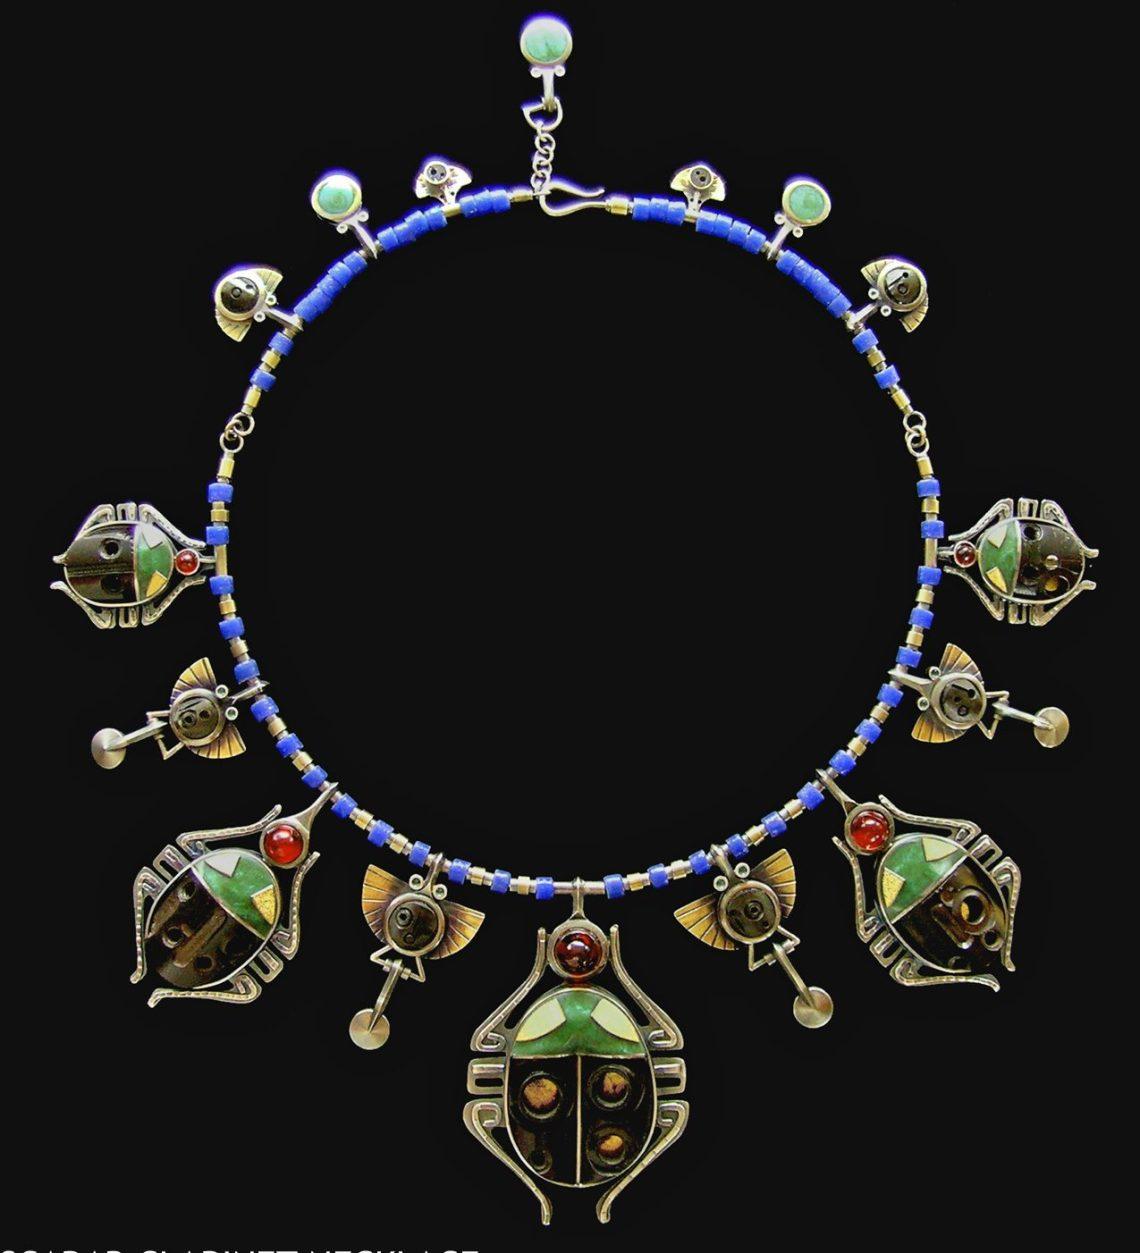 Lisa & Scott Cylinder, Scarab Necklace, halssieraad, 2012. Foto met dank aan Lisa & Scott Cylinder©